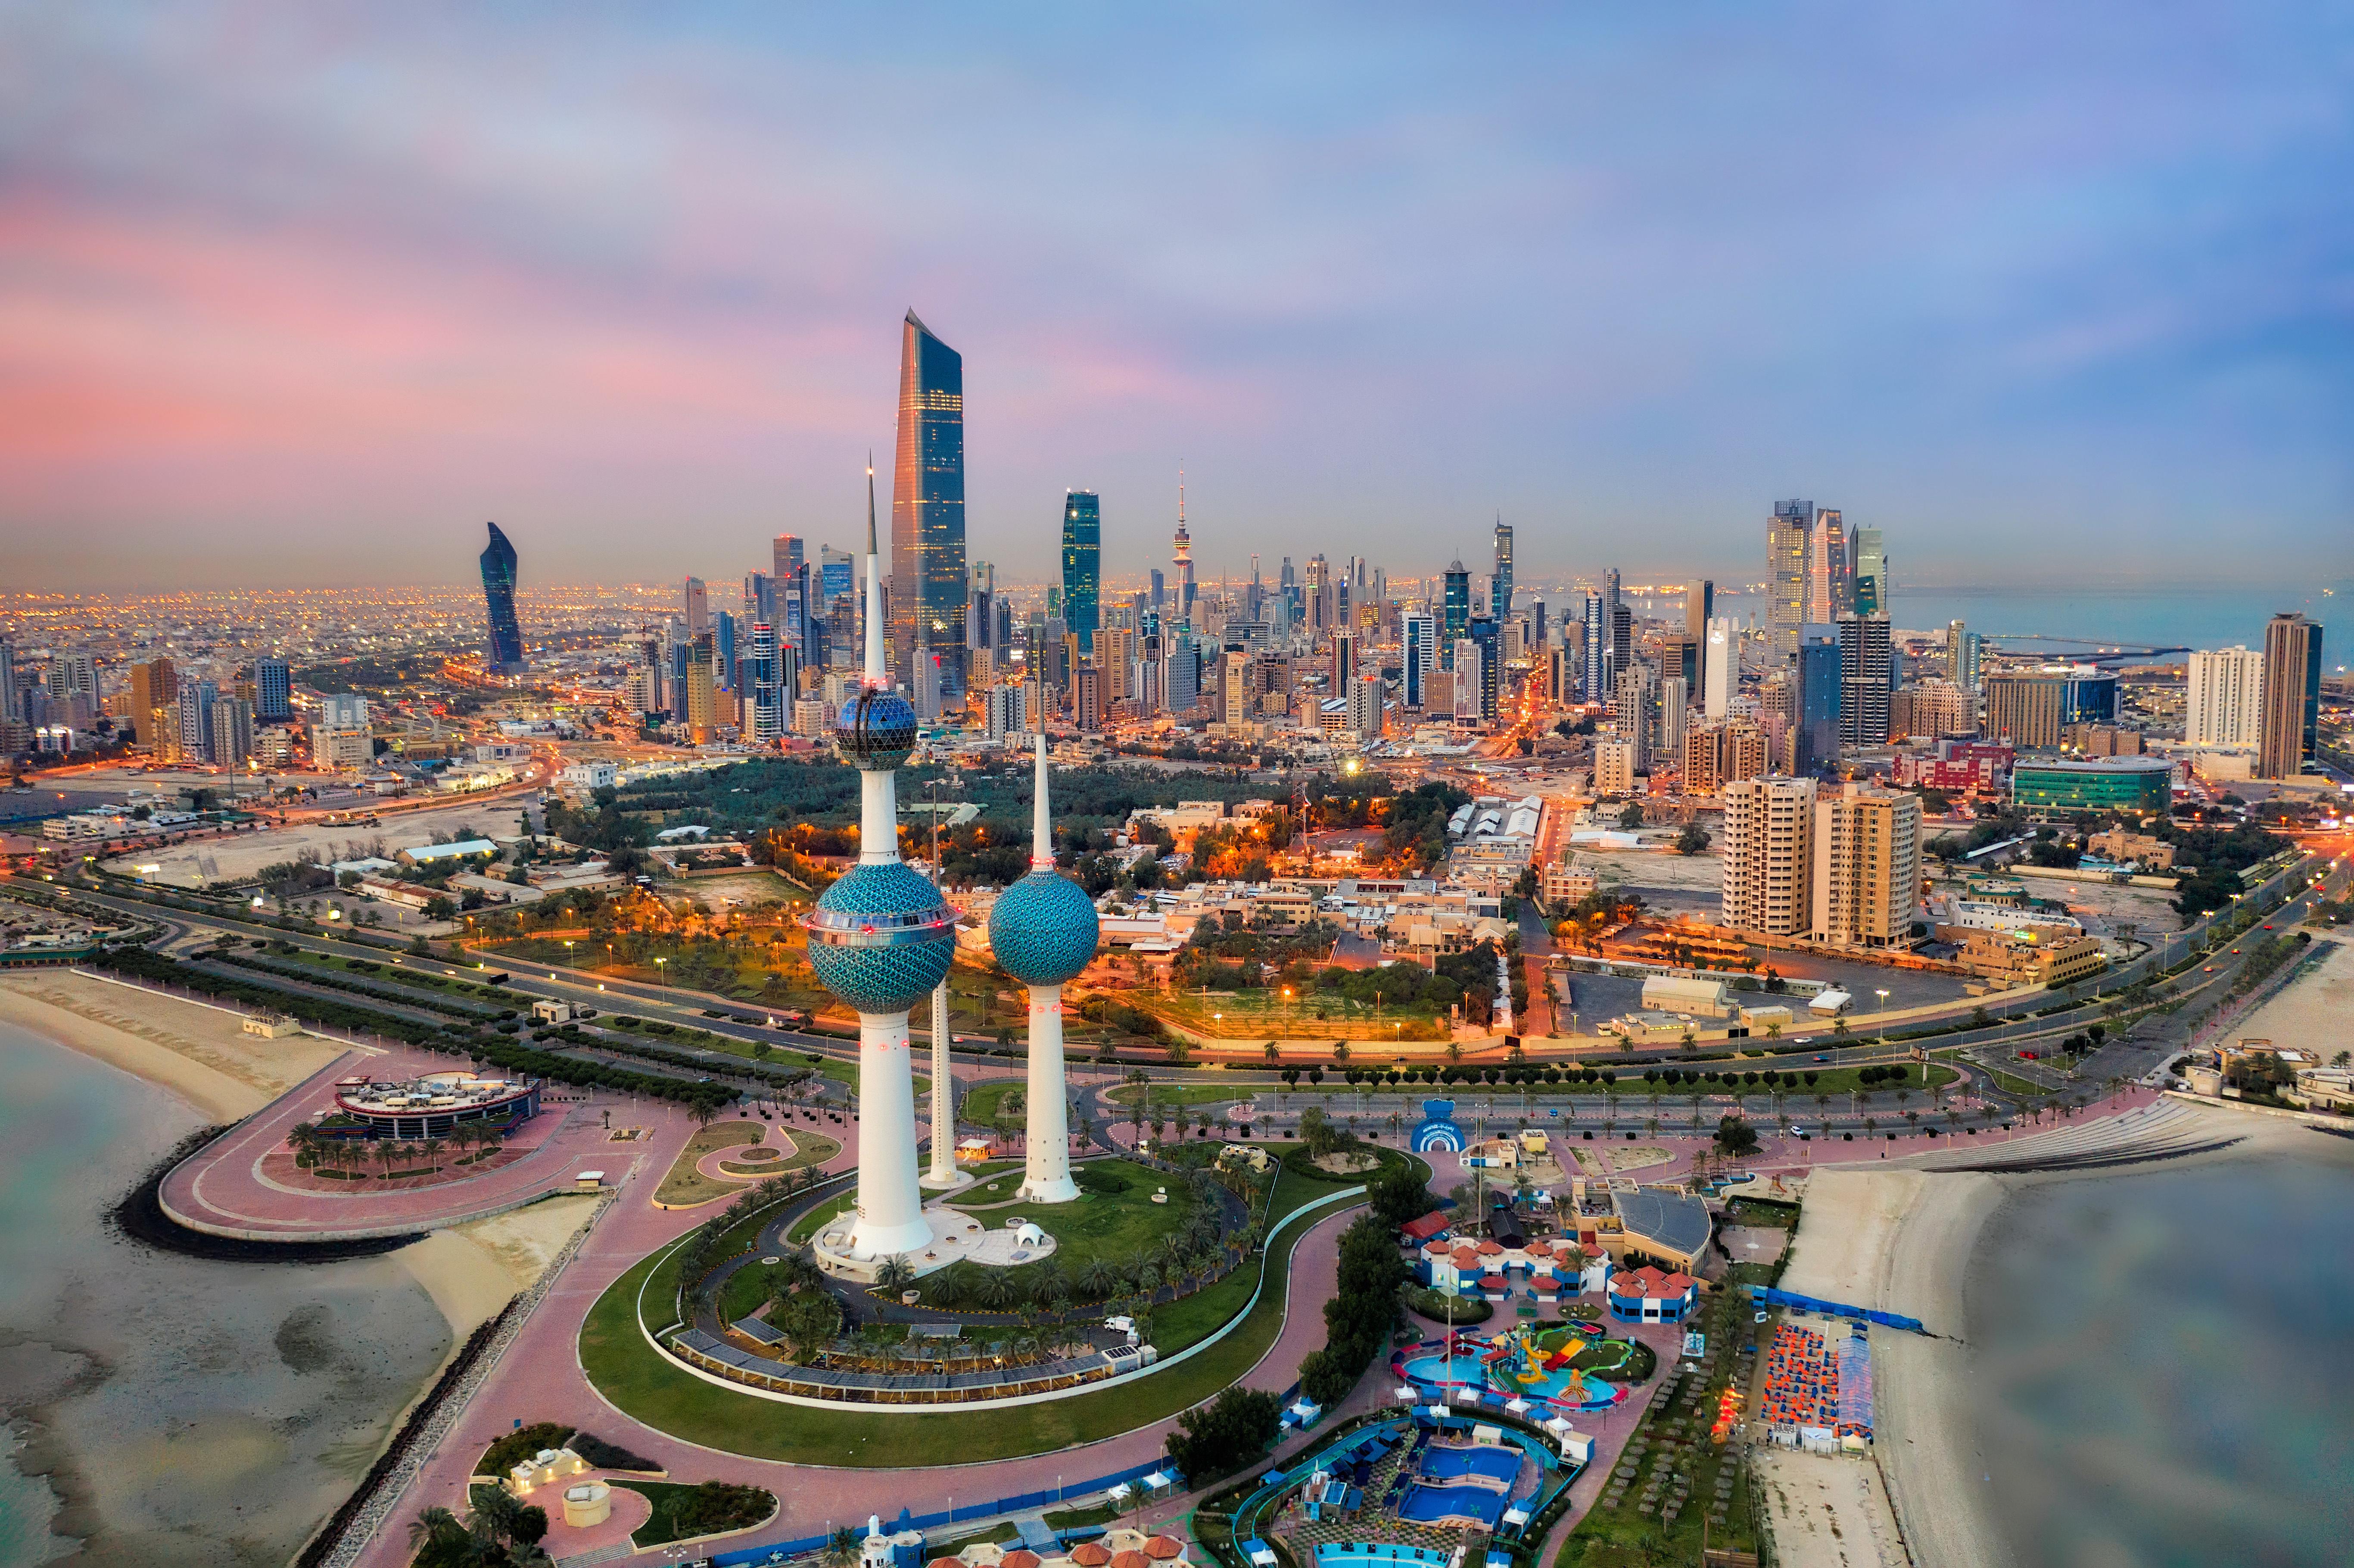 Kuwait Tower City Skyline